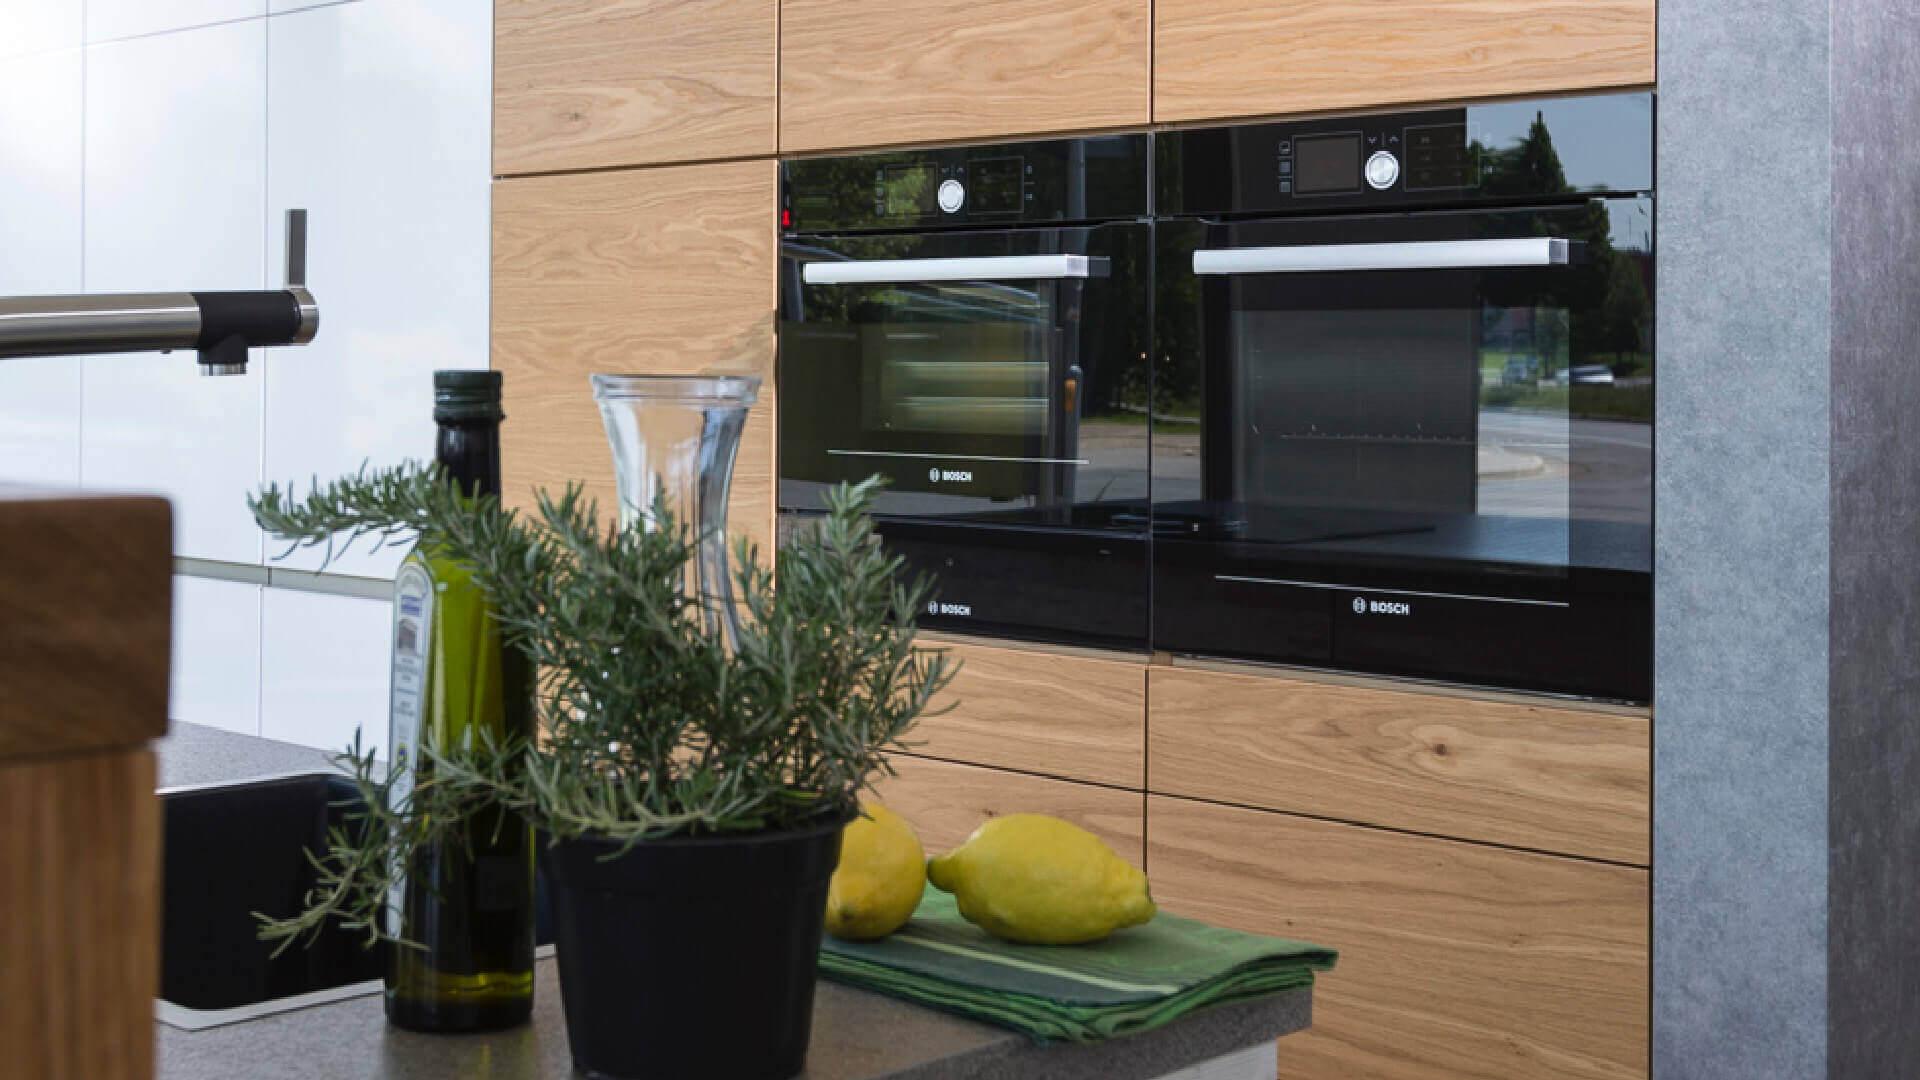 Full Size of Komplette Küche Ohne Geräte Respekta Premium Küche Ohne Geräte Küche Ohne Geräte Online Kaufen Nobilia Küche Ohne Geräte Küche Küche Nolte